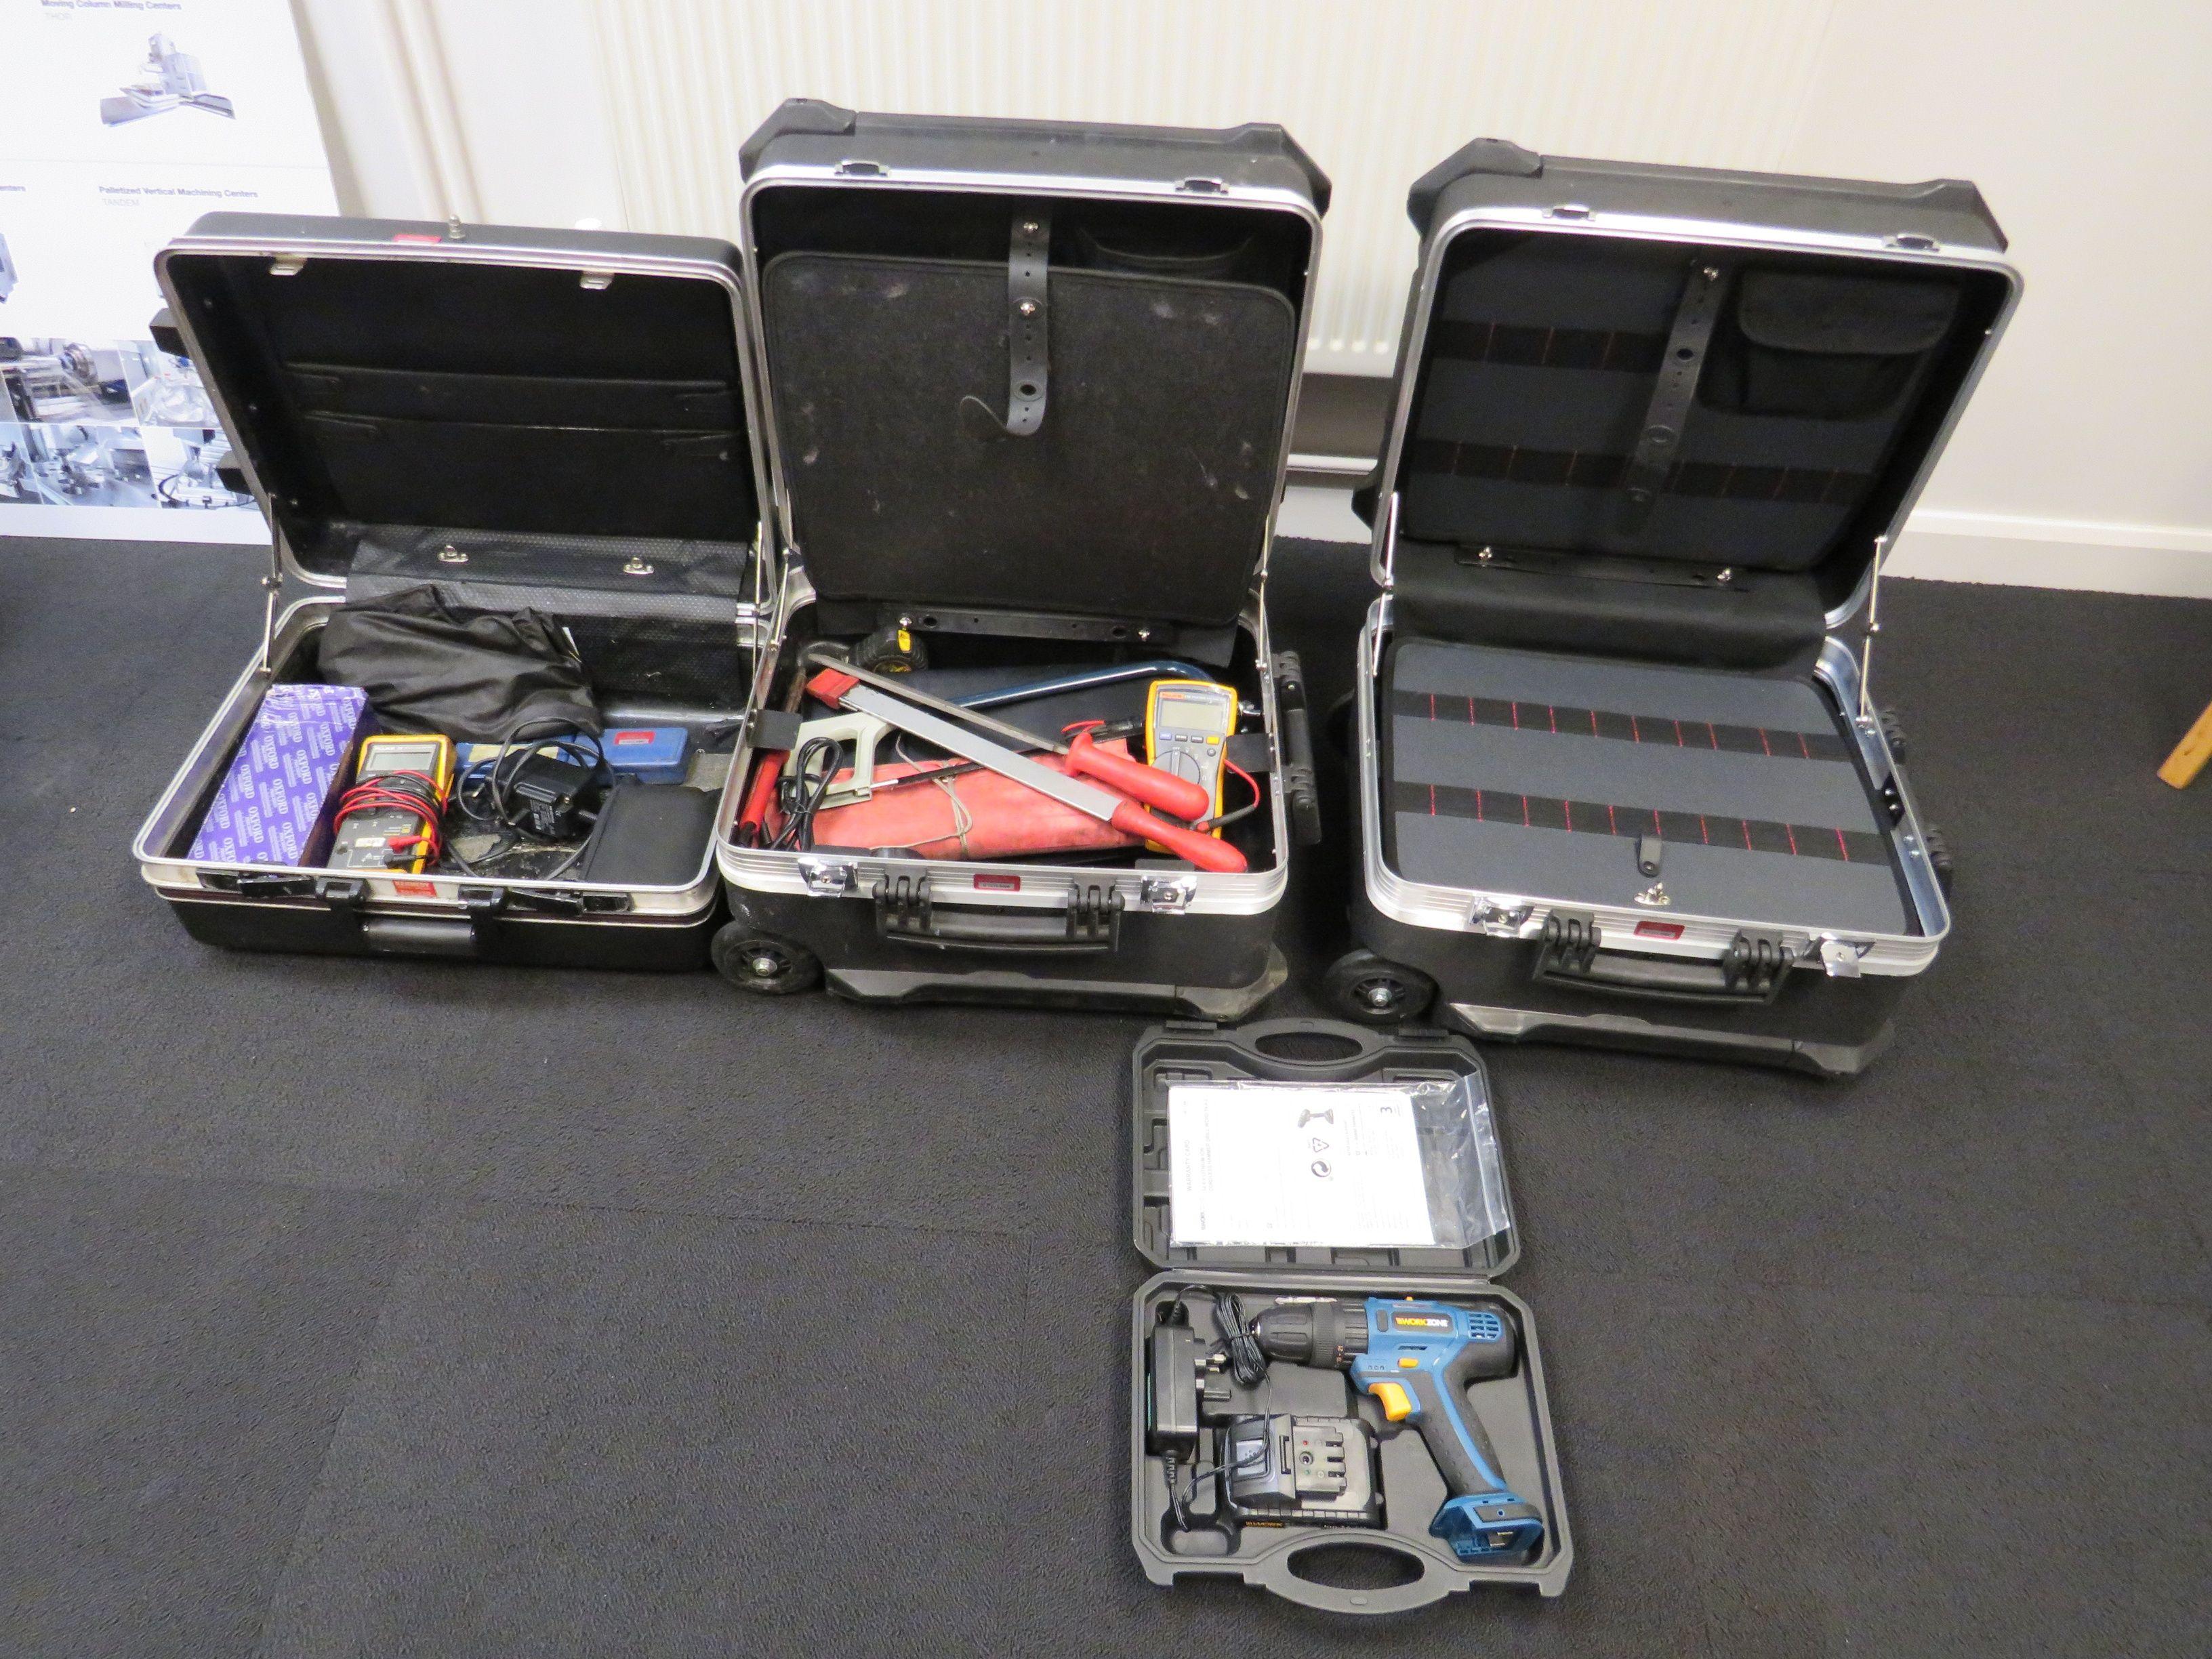 (3) Tragbare Werkzeugkästen, kabellose Workzone-Bohrmaschine